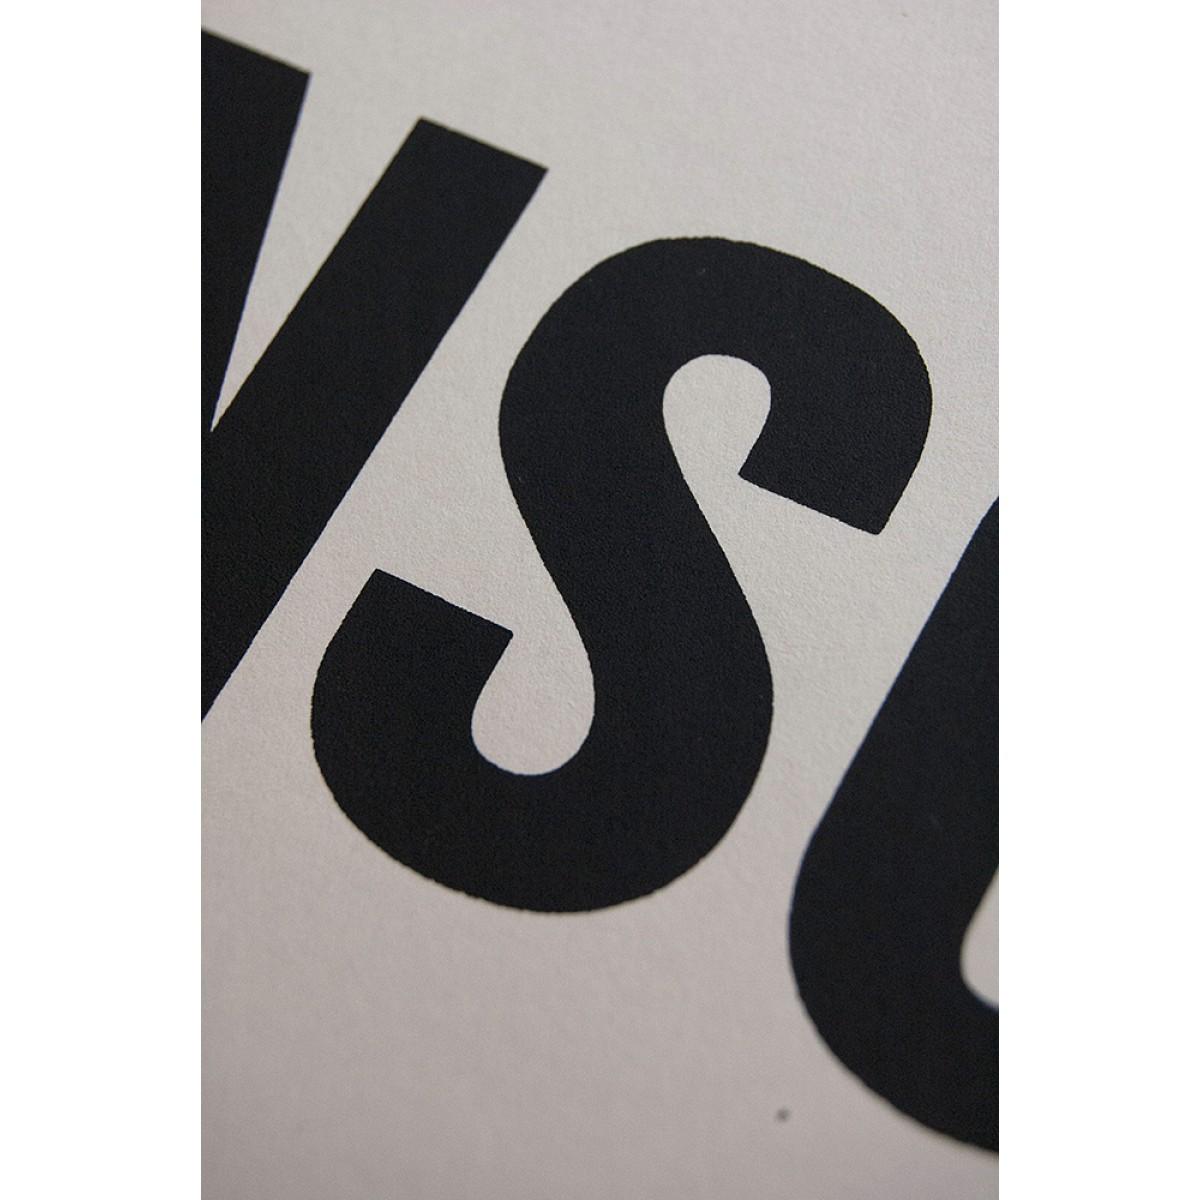 Buchstabenort Braunschweig Stadtteile-Poster Typografie